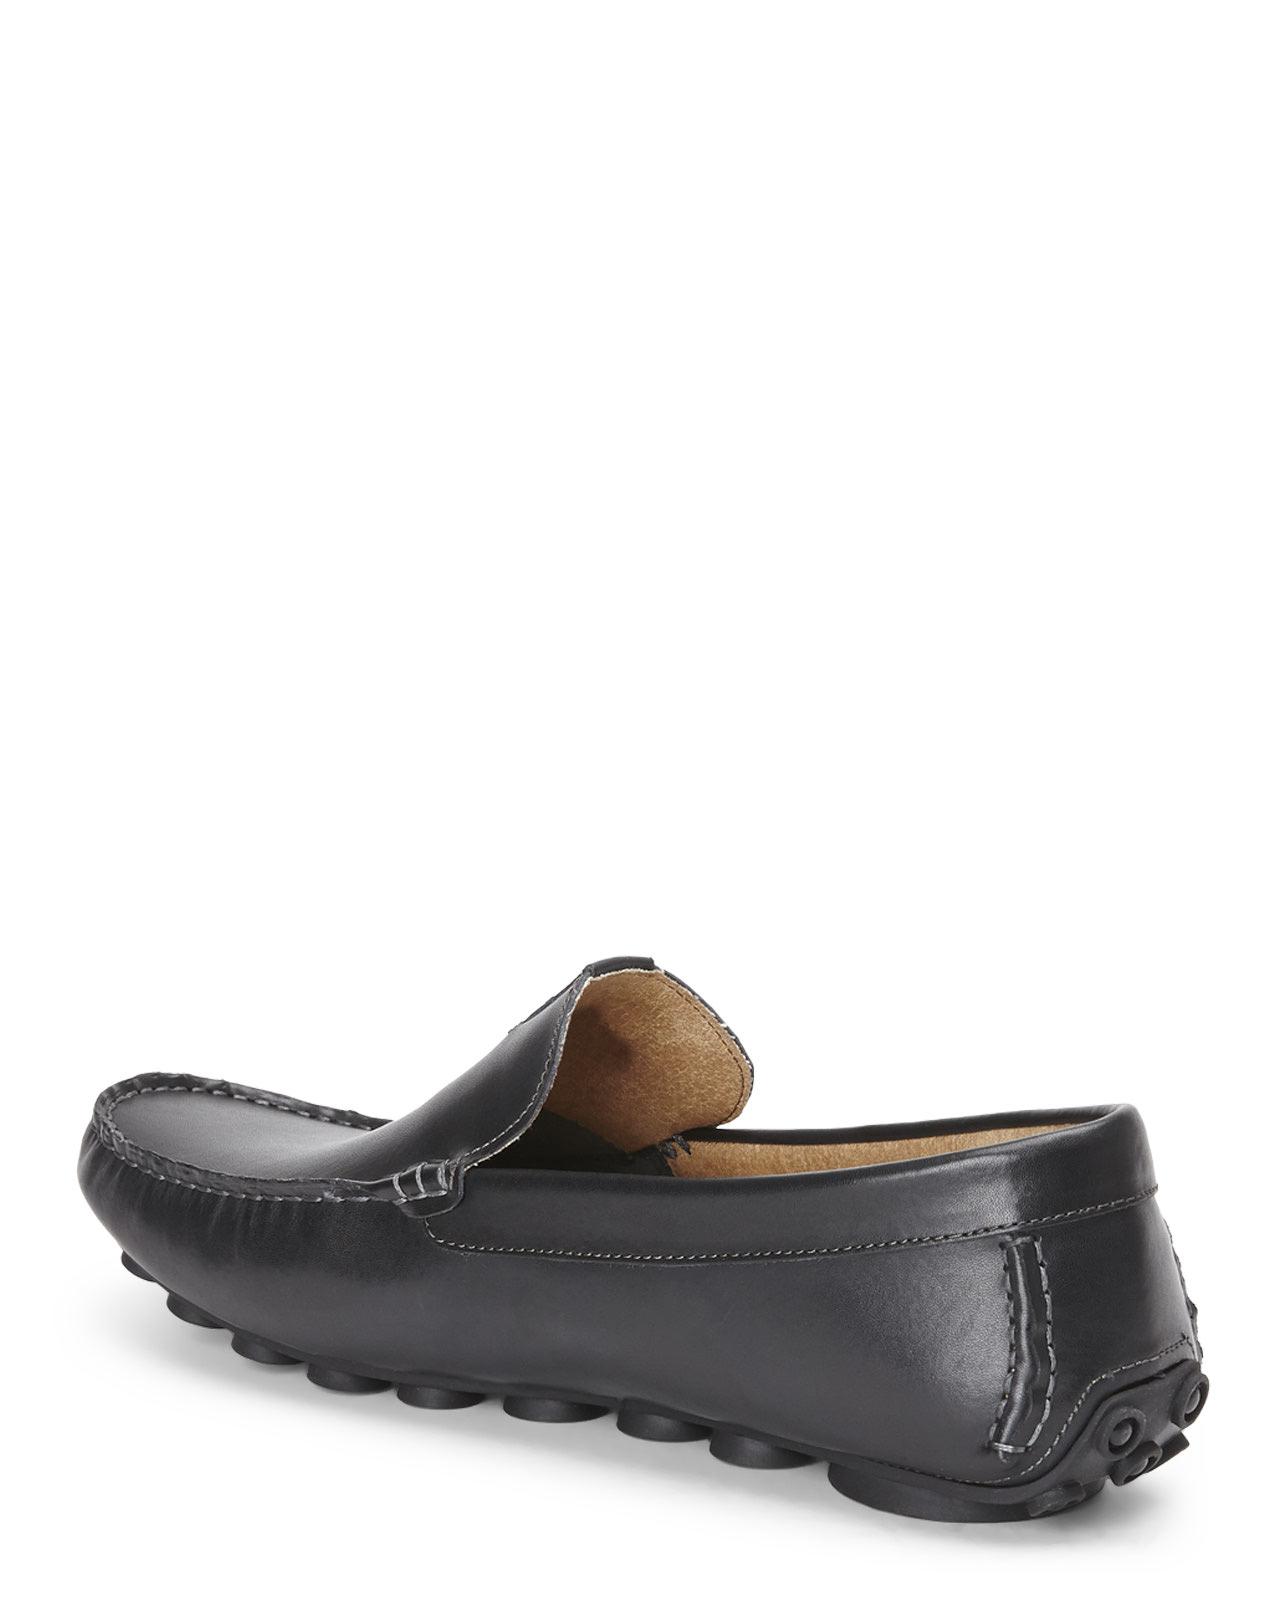 Steve madden Black Hannigan Loafer in Black | Lyst